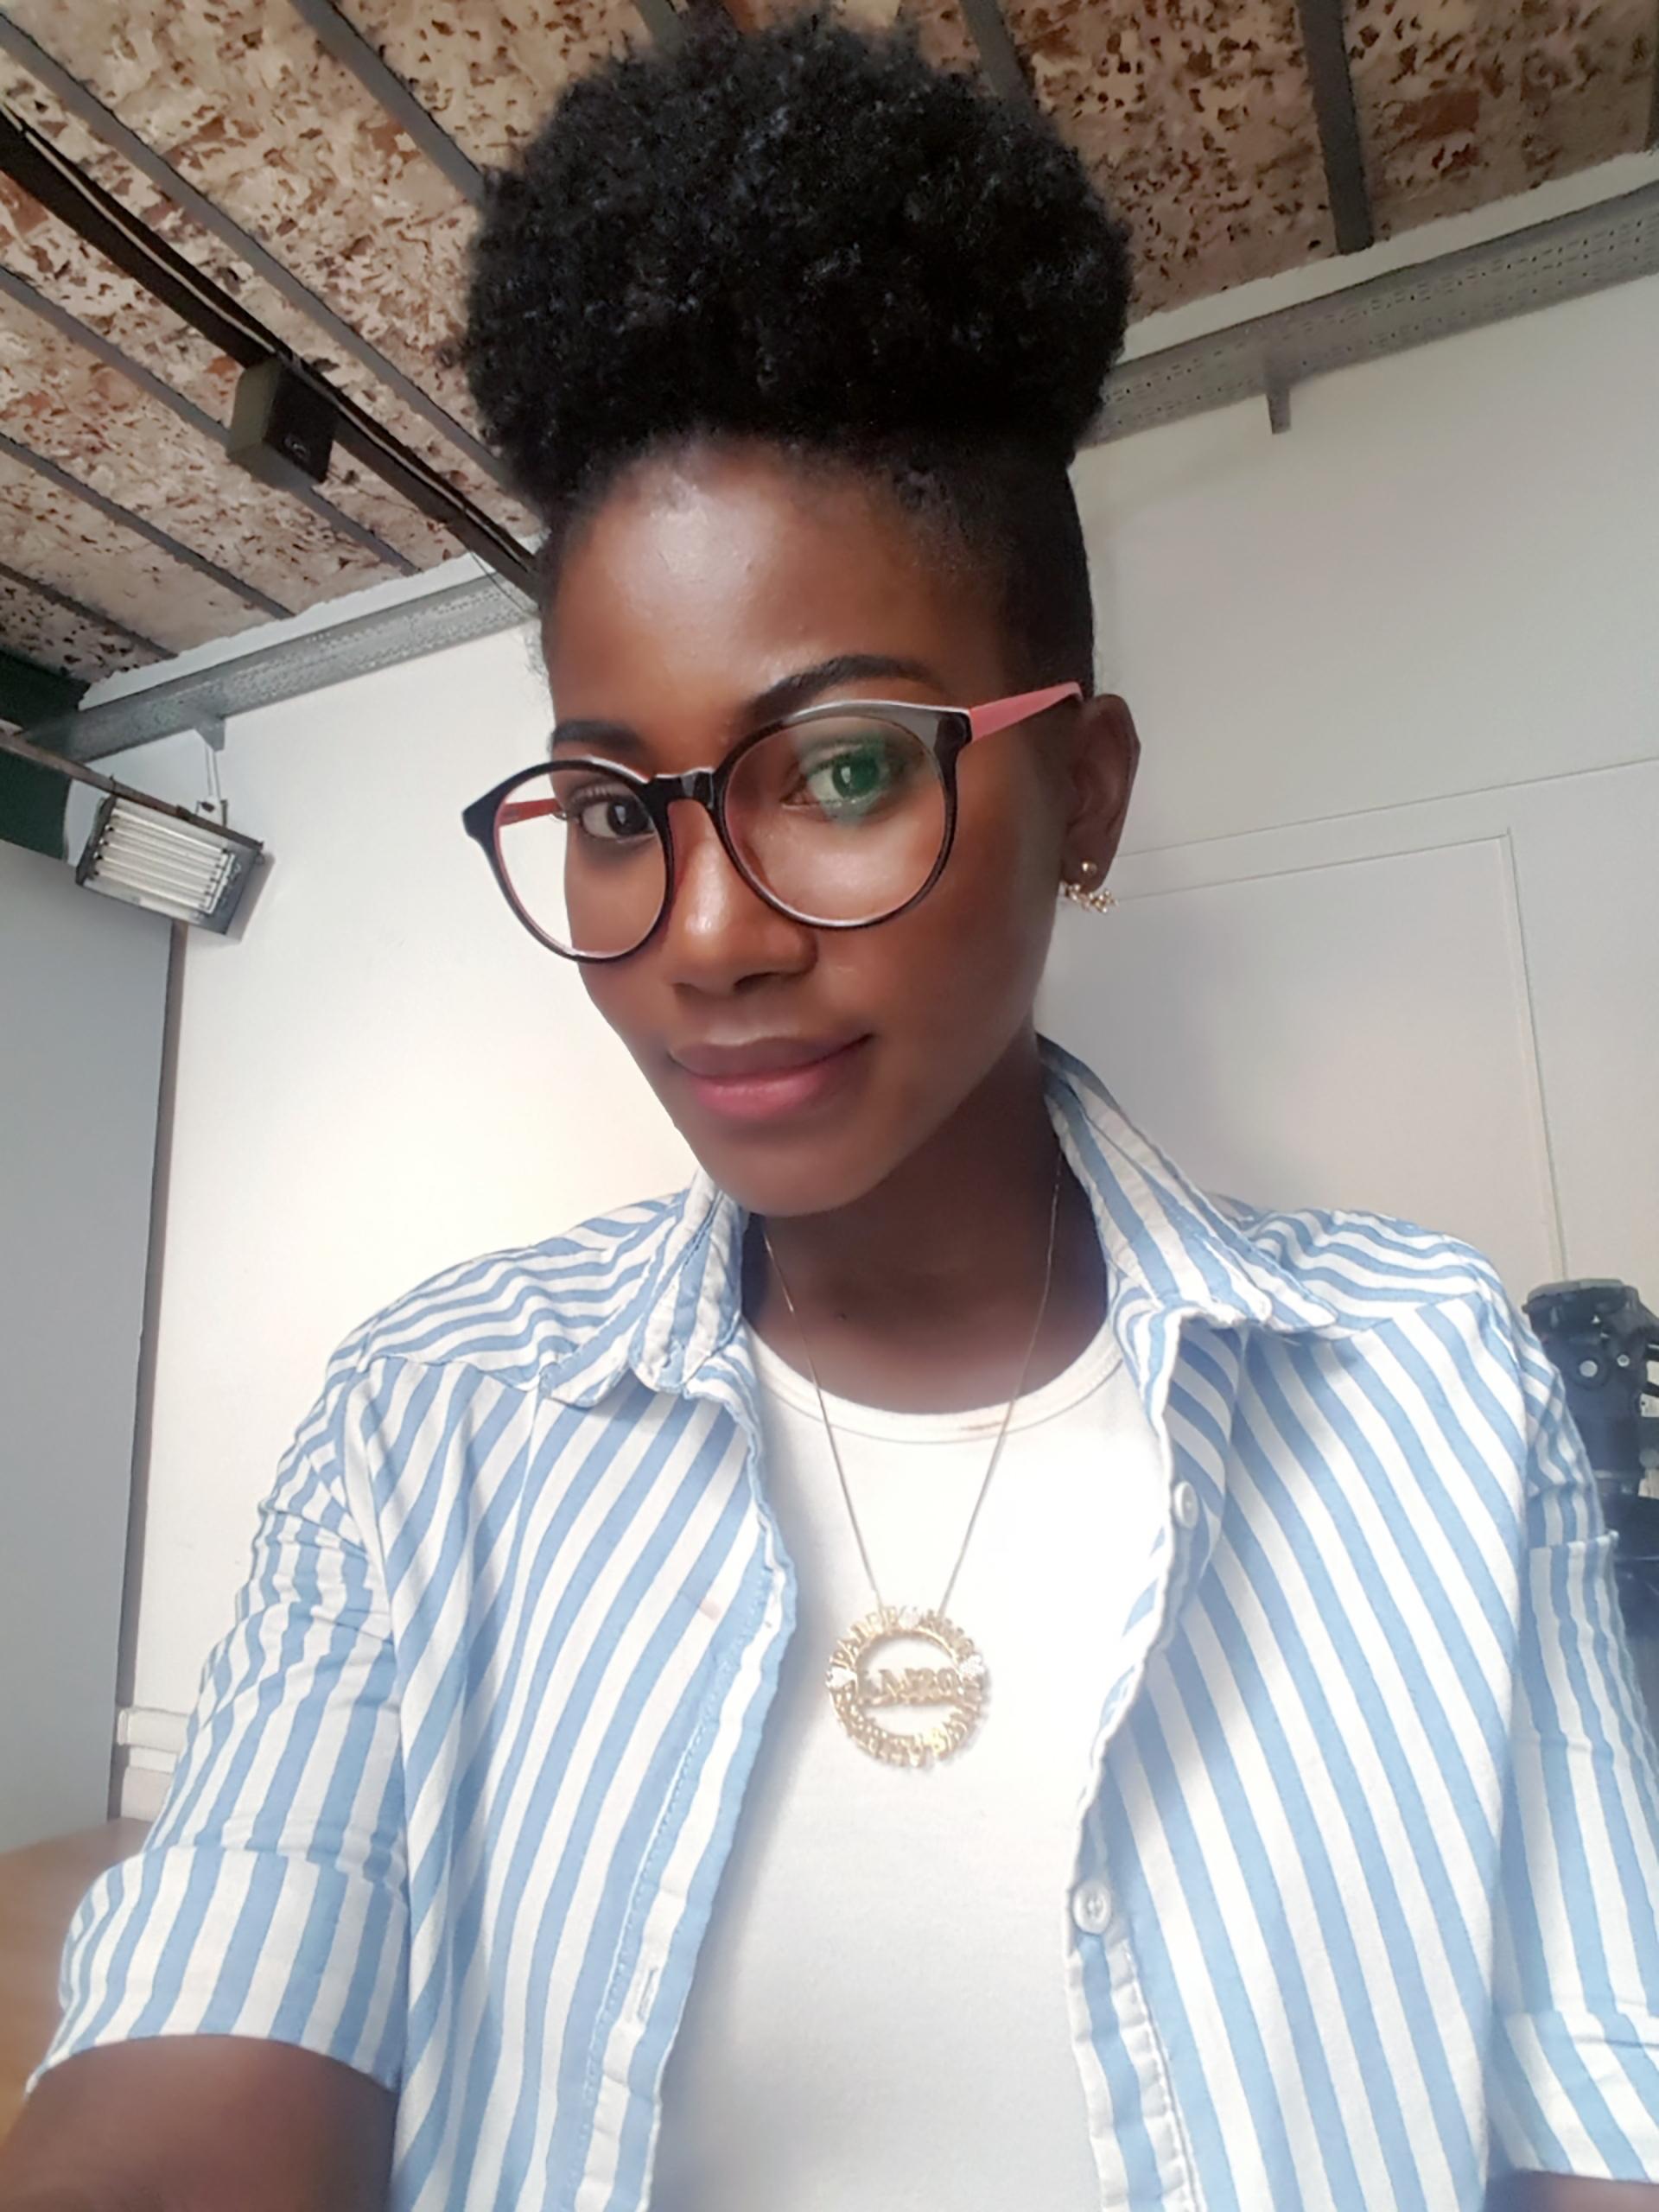 Lisa María Montaño llegó a la Argentina proveniente de Cali. Recibida de periodista en 2017, es modelo publicitaria y referente afro.